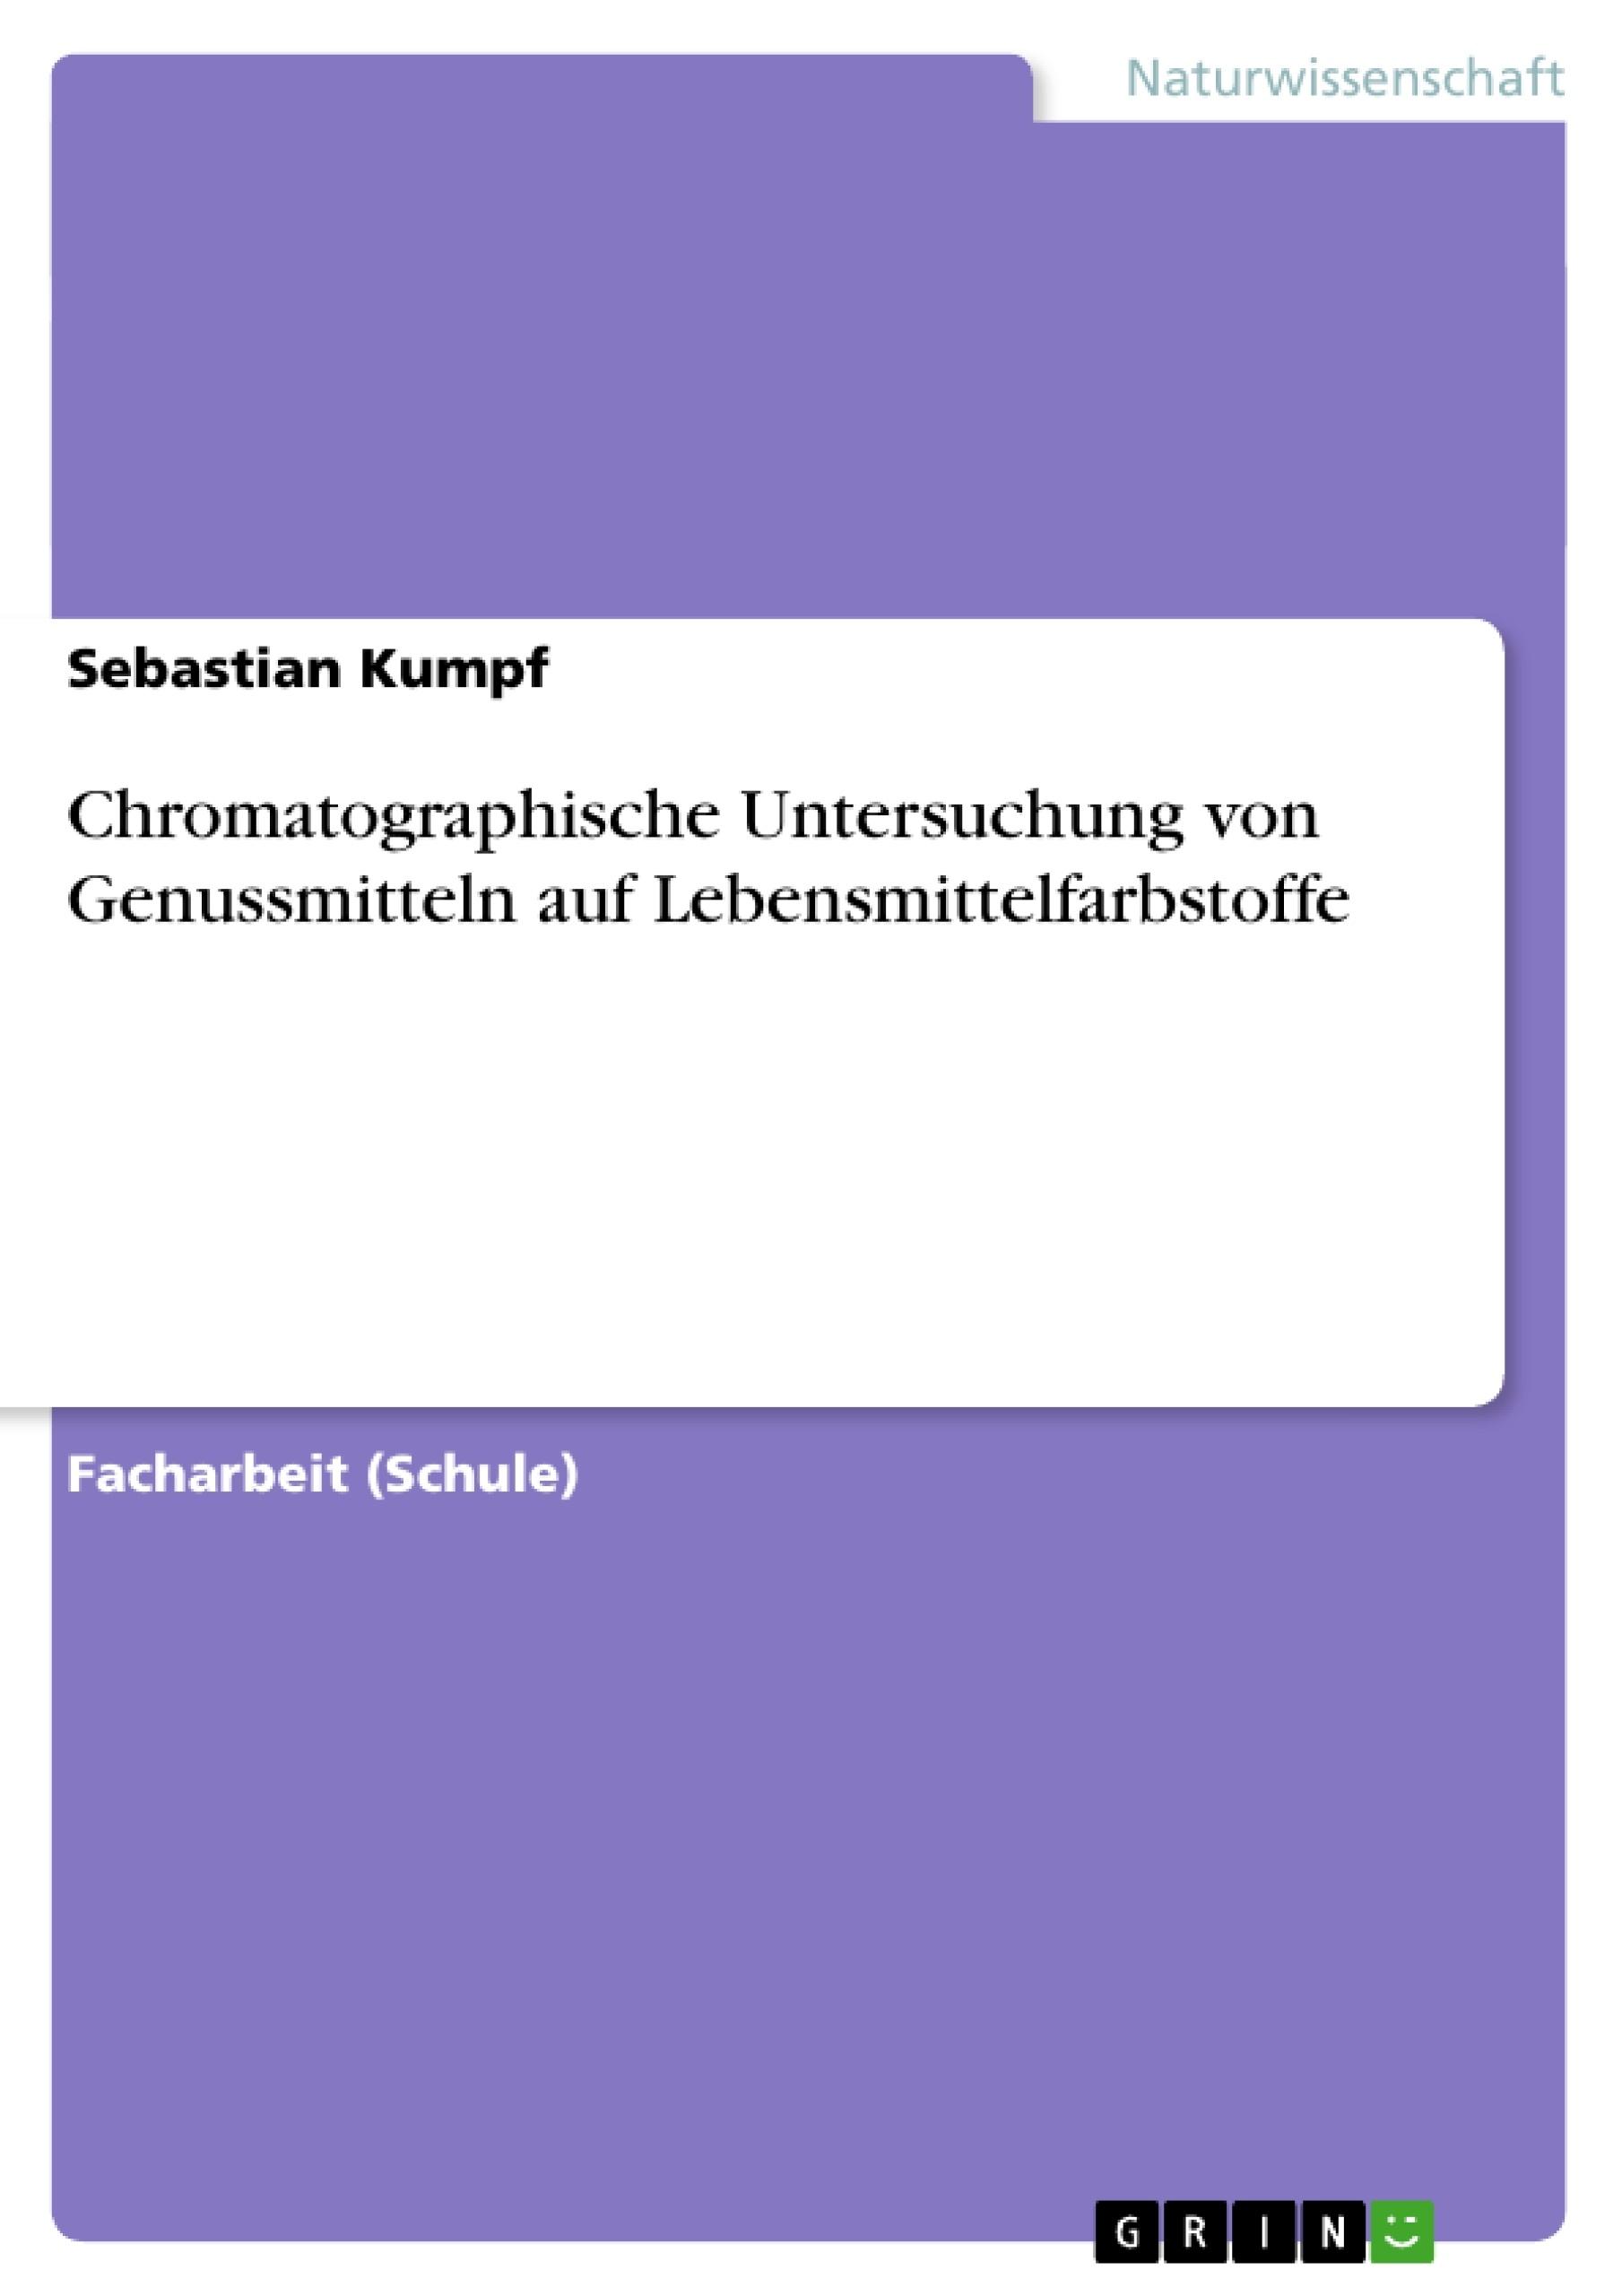 Titel: Chromatographische Untersuchung von Genussmitteln auf Lebensmittelfarbstoffe